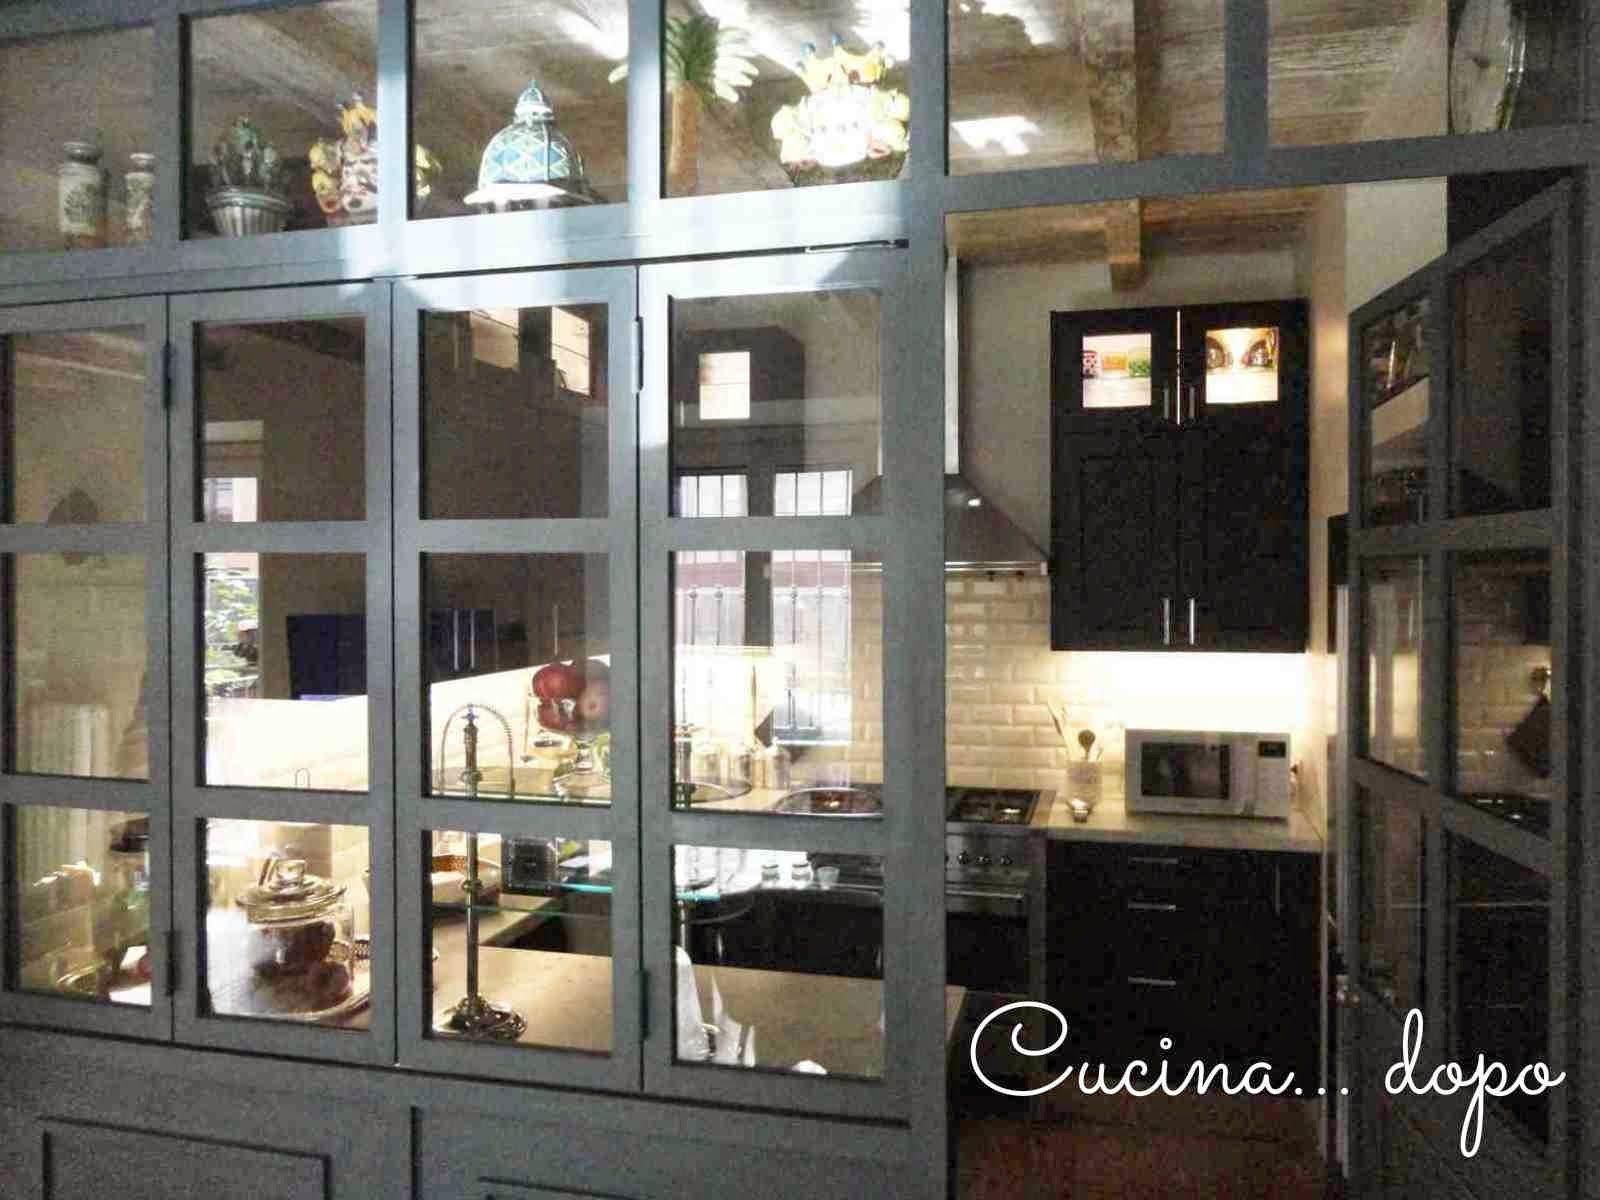 pareti divisorie per cucina soggiorno - Cerca con Google | Cucina in ...